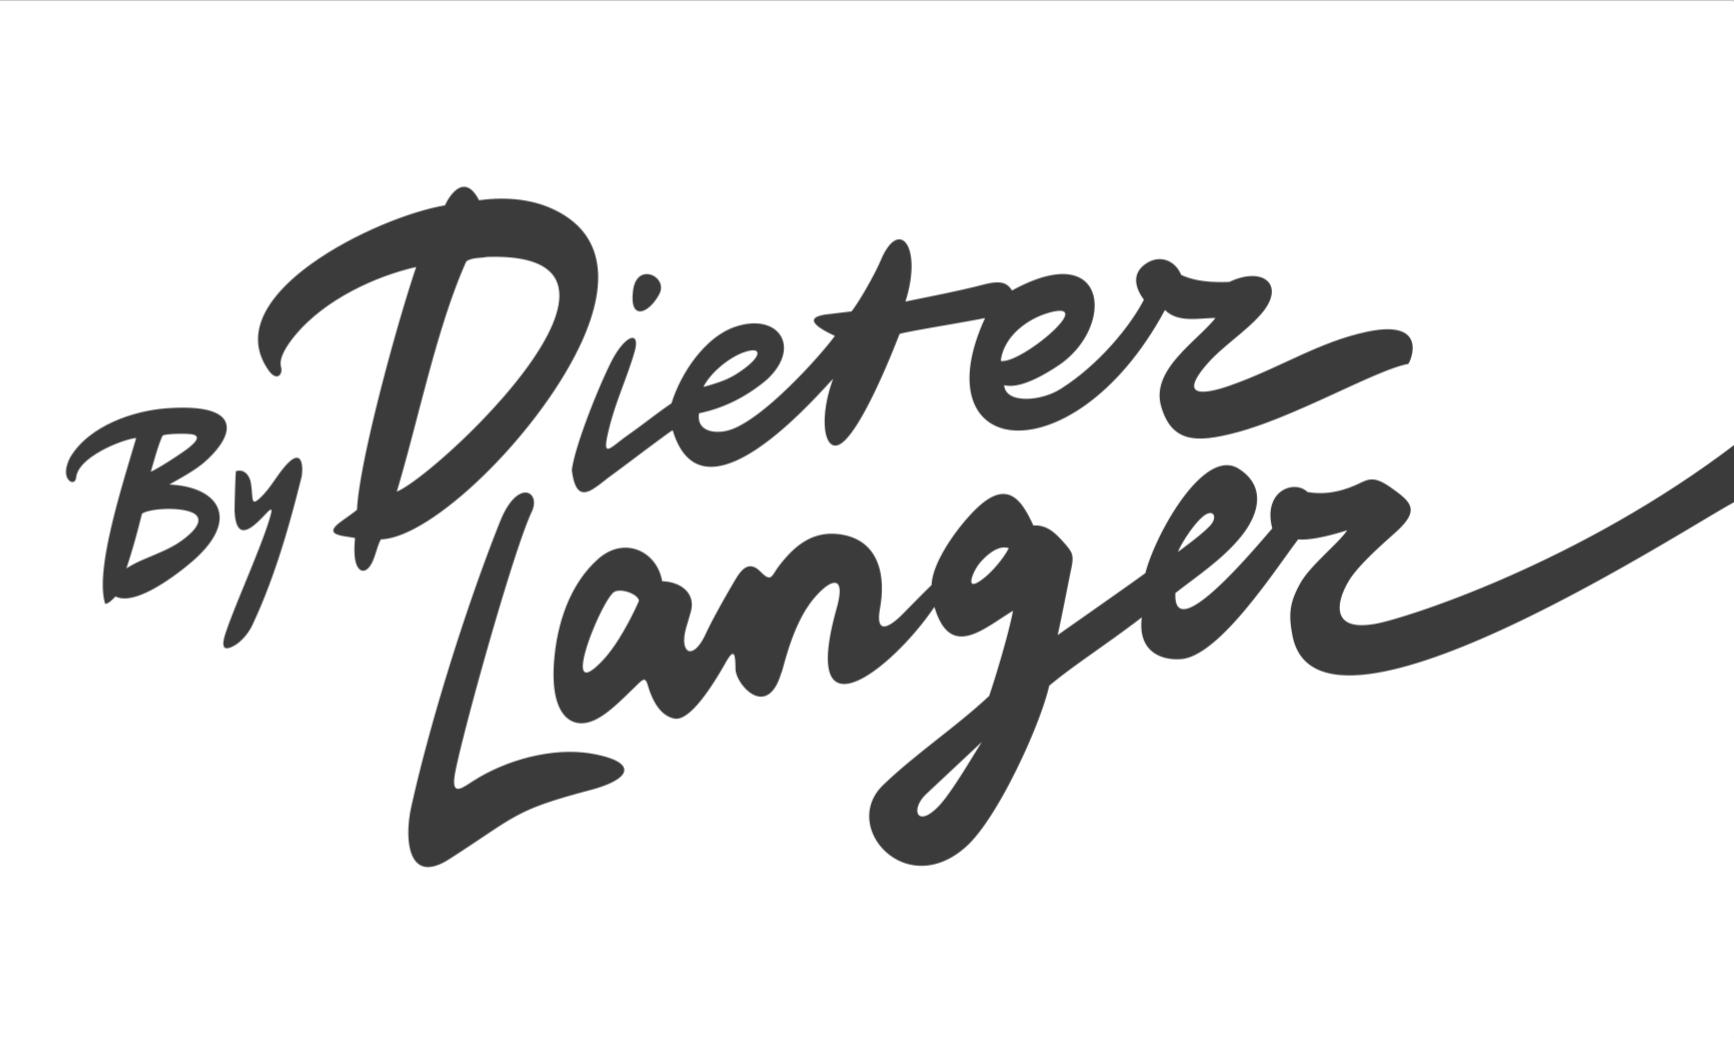 Обои коллекции Inspiration от Дитьера Лангера